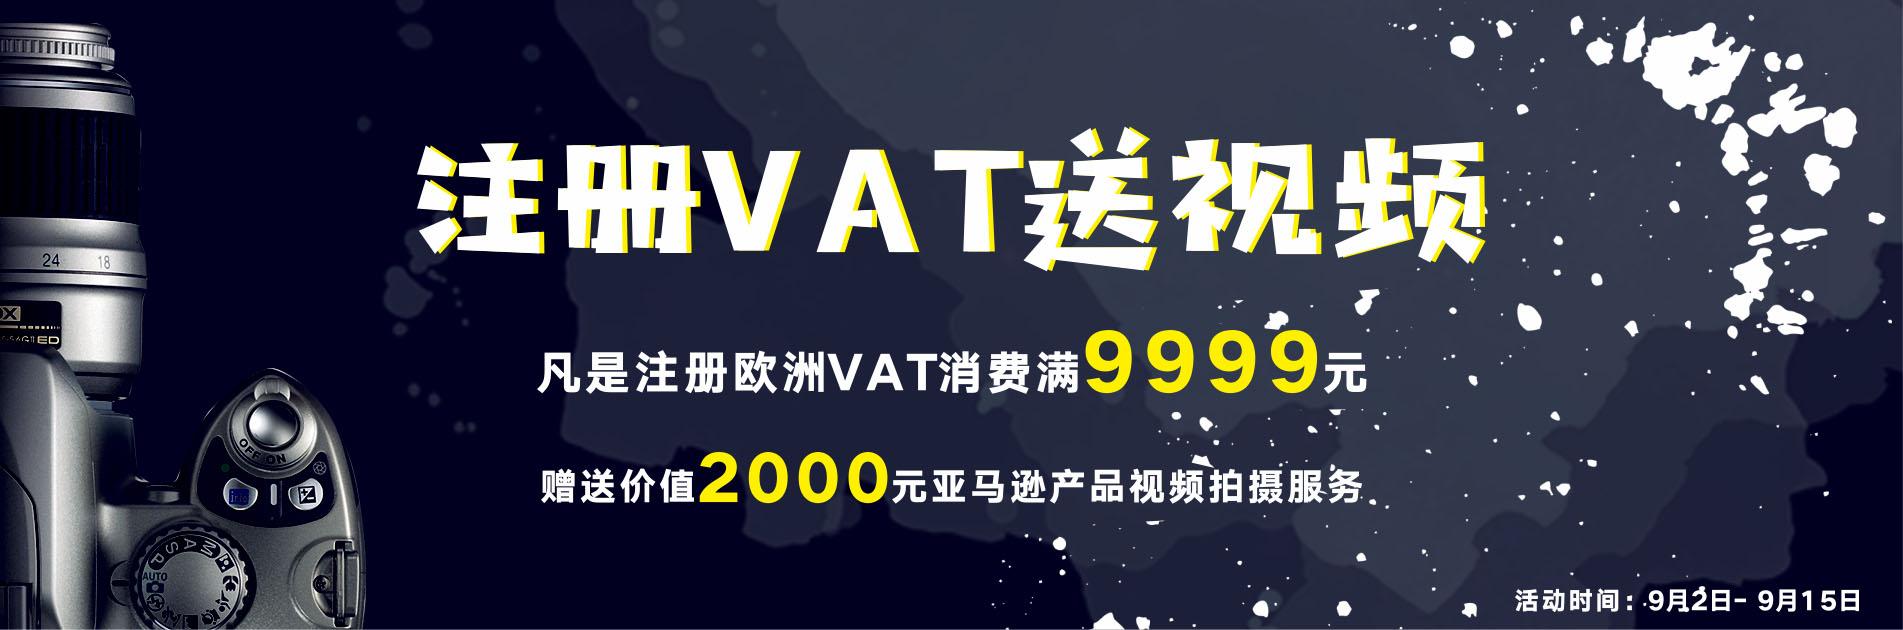 注冊VAT送視頻